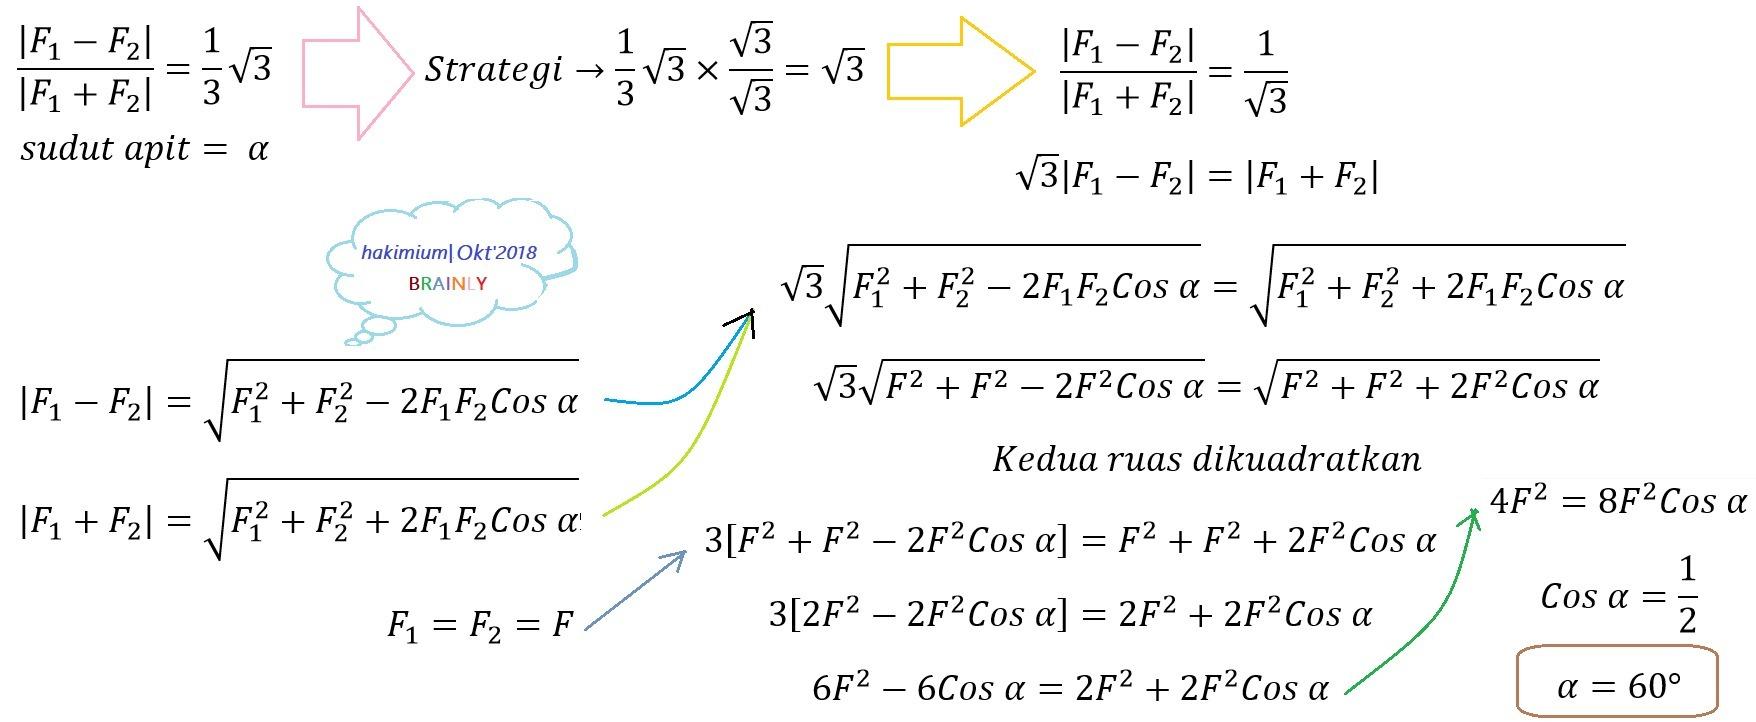 Dua Buah Vektor Besarnya Sama Tentukan Sudut Apit Antara Kedua